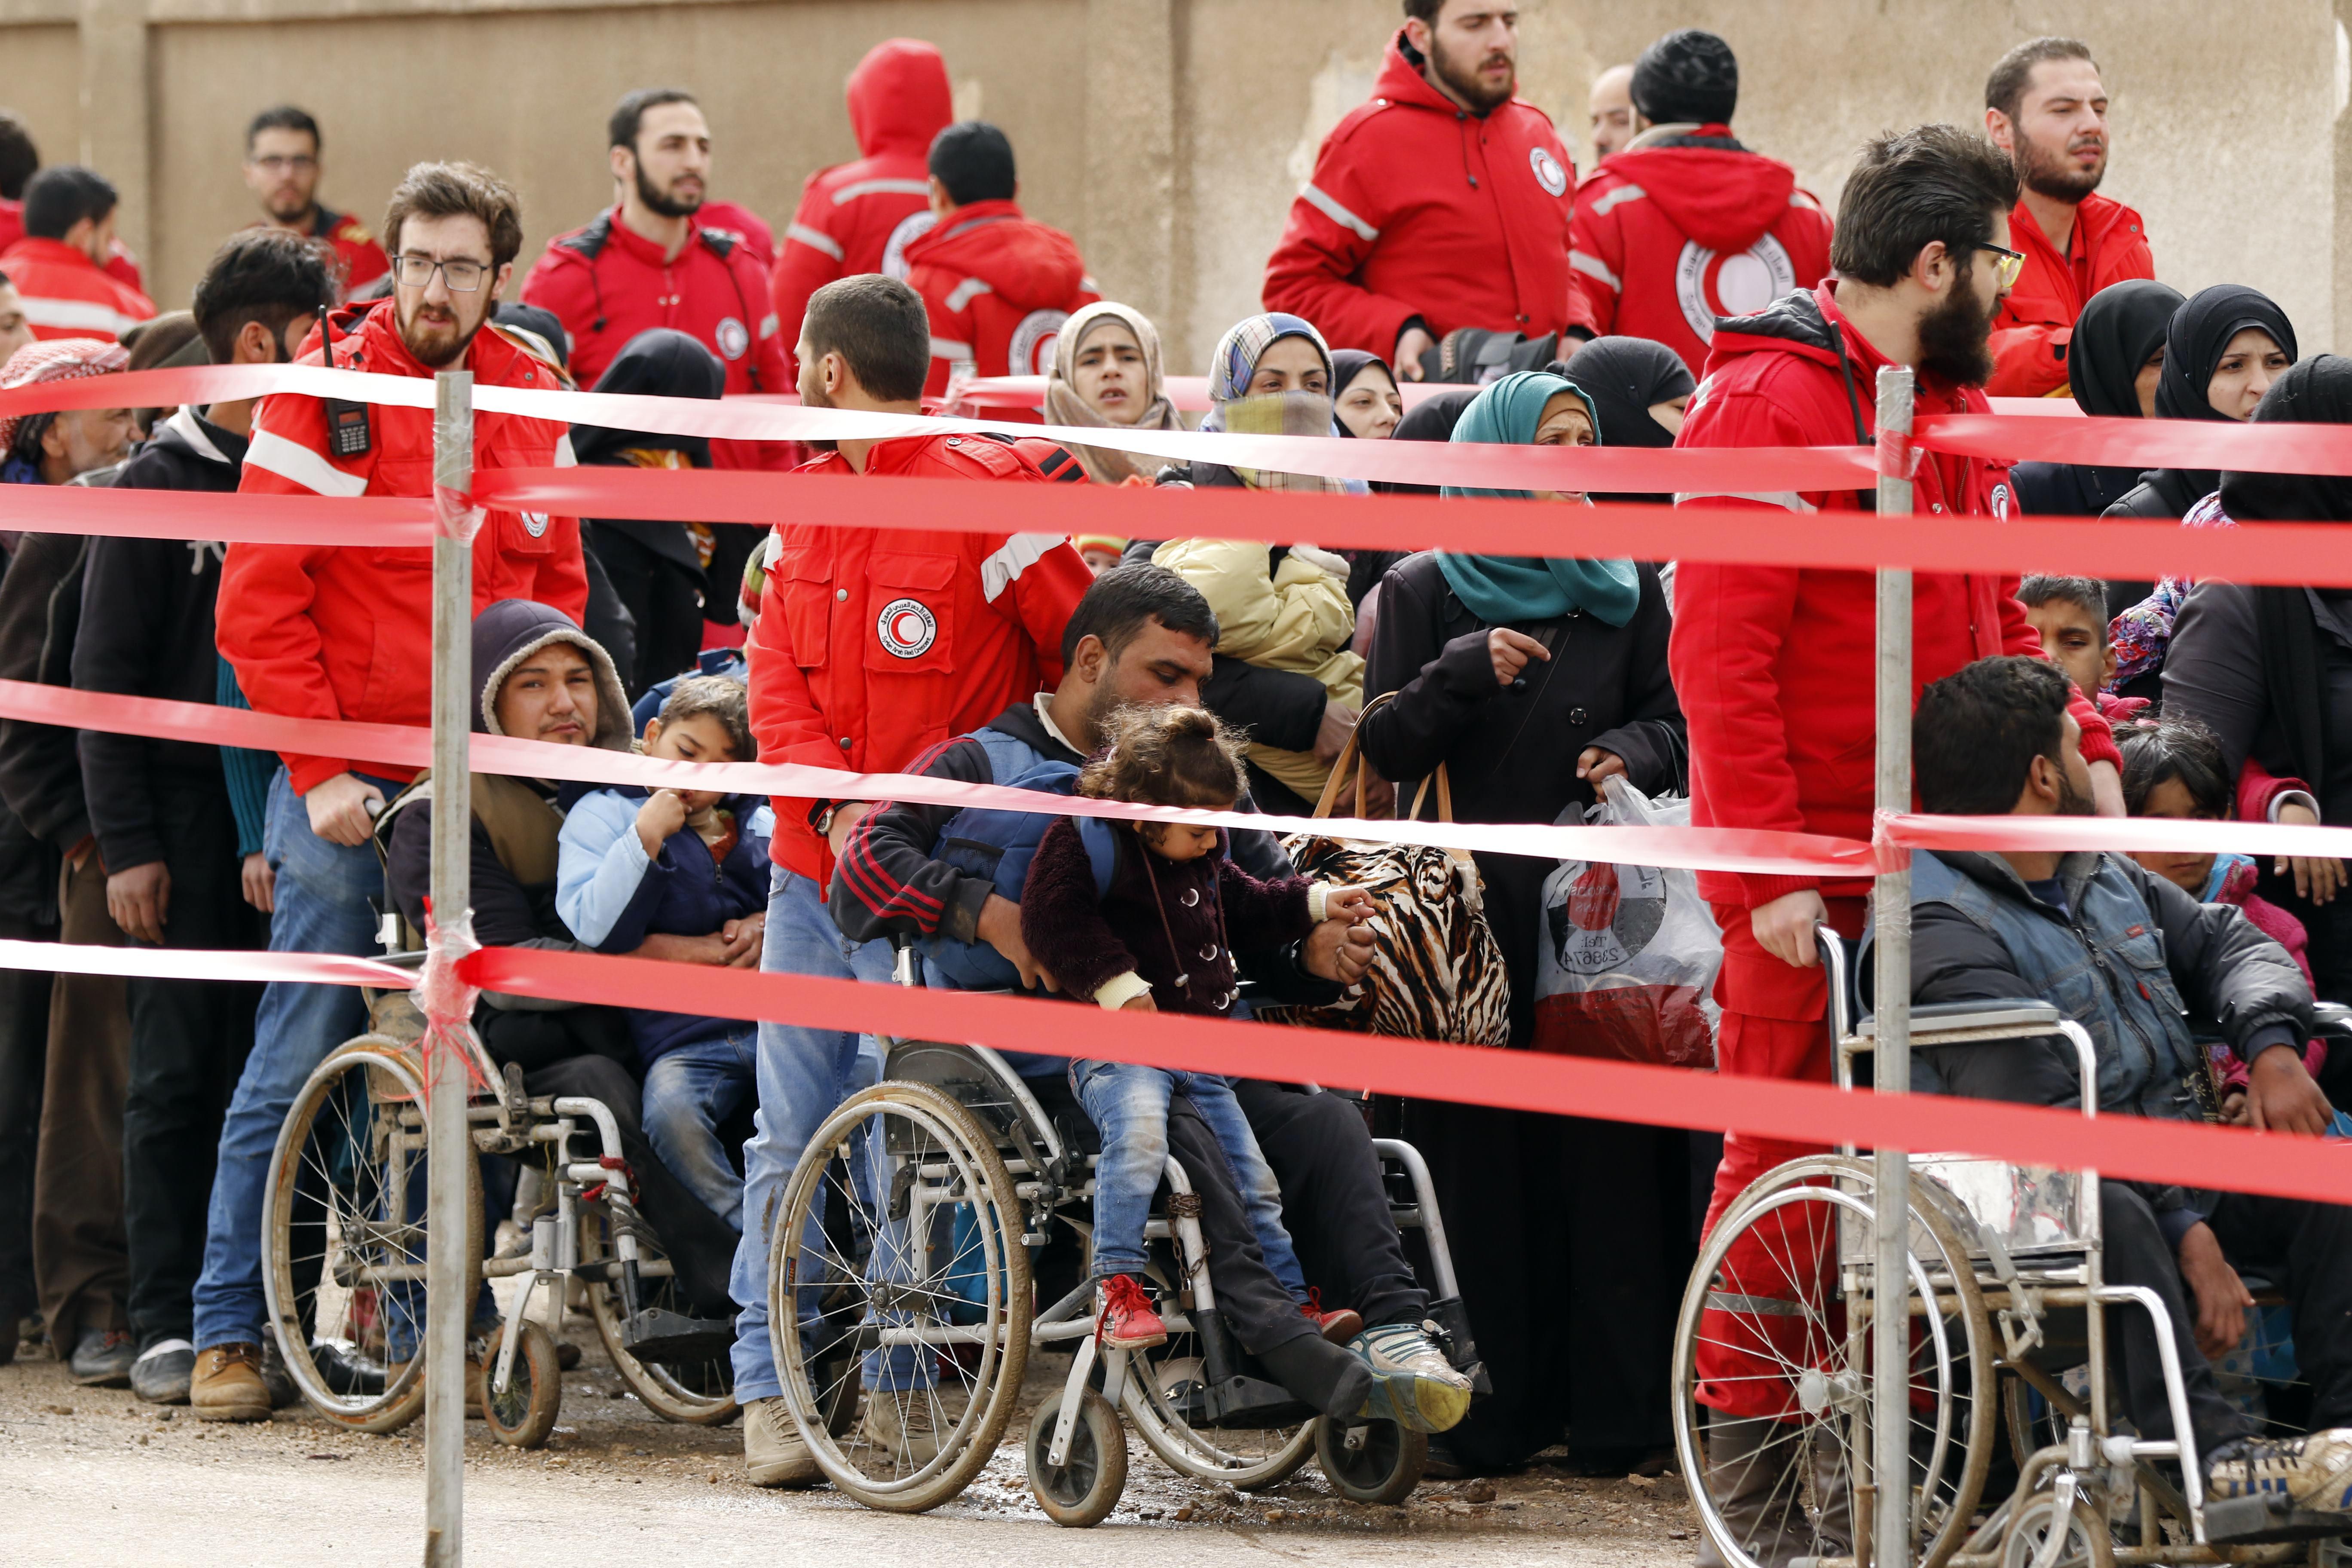 مسلحو المعارضة وعائلاتهم قبيل مغادرتهم حي الوعر